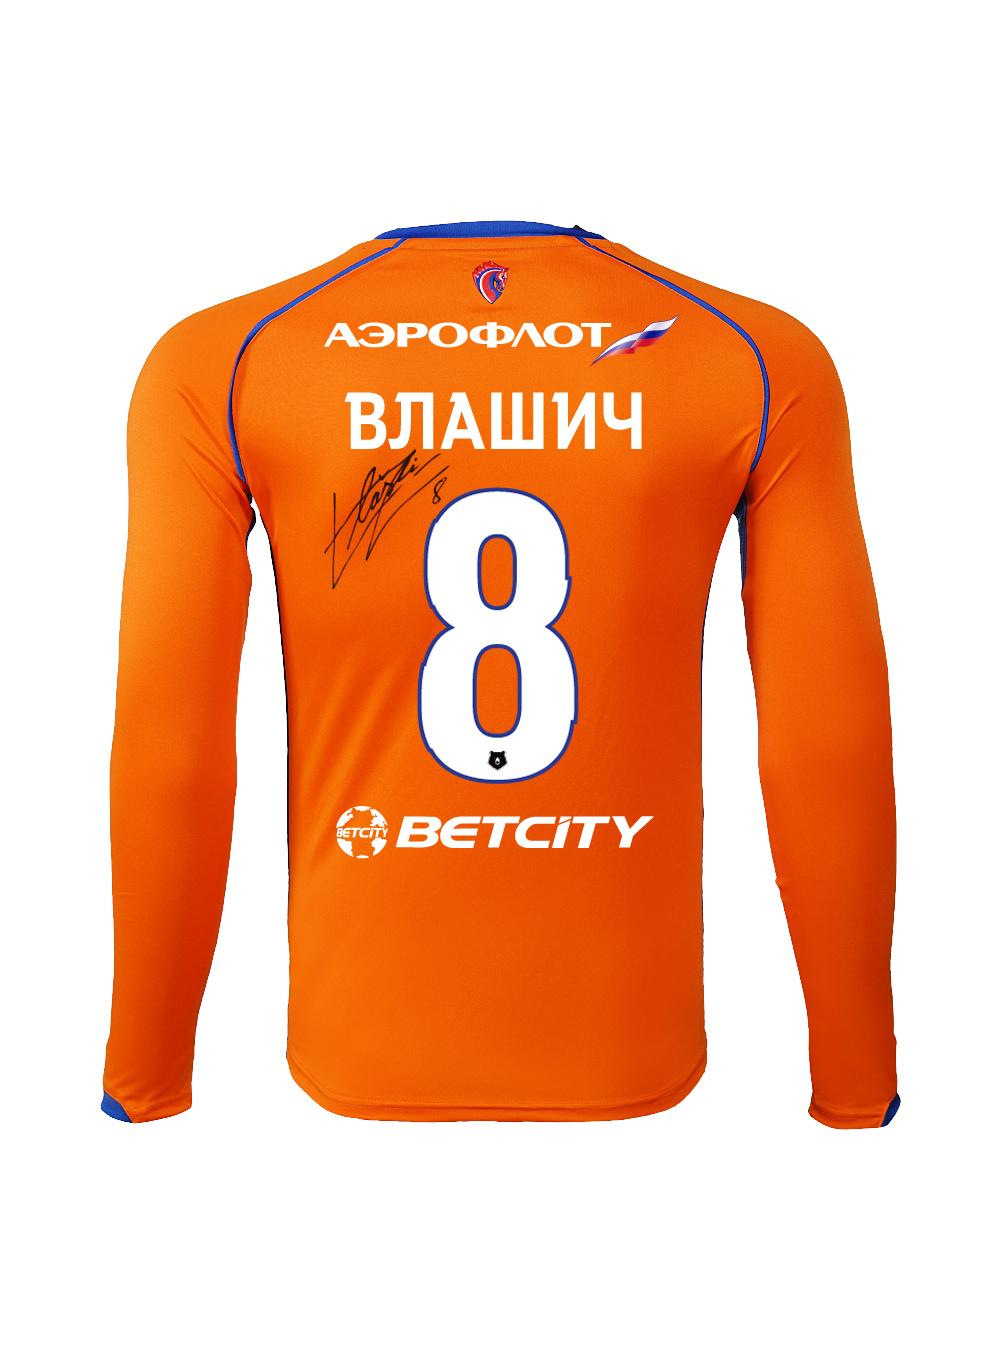 Купить Футболка игровая резервная с длинным рукавом с автографом ВЛАШИЧА (XL) по Нижнему Новгороду